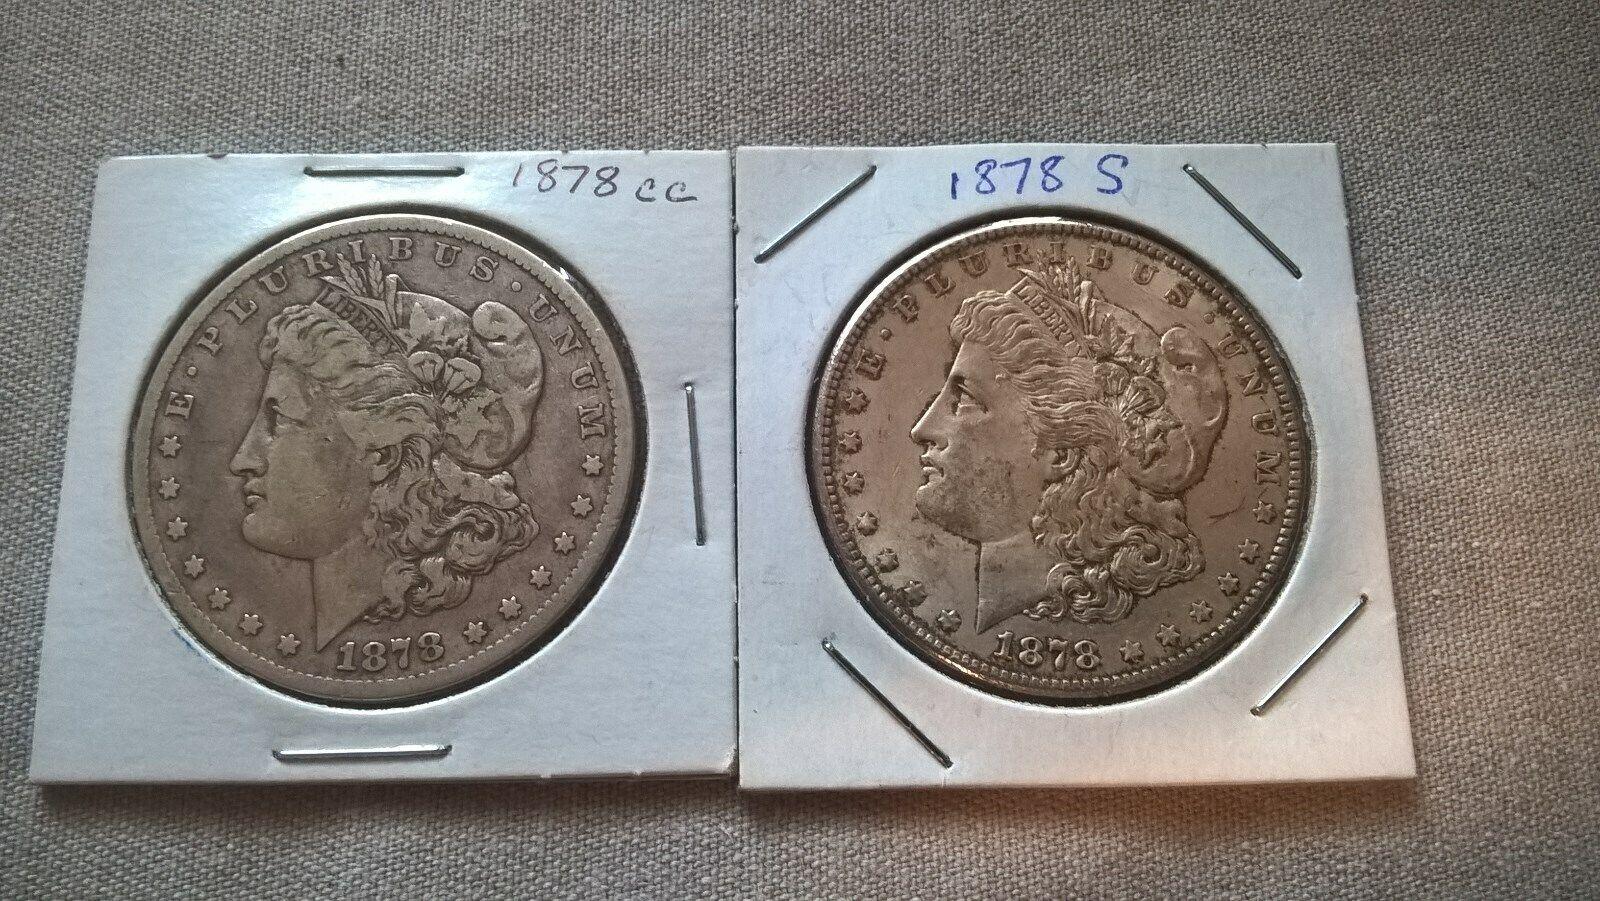 Morgan Silver Dollars 1878 CC And 1878 S - $123.15